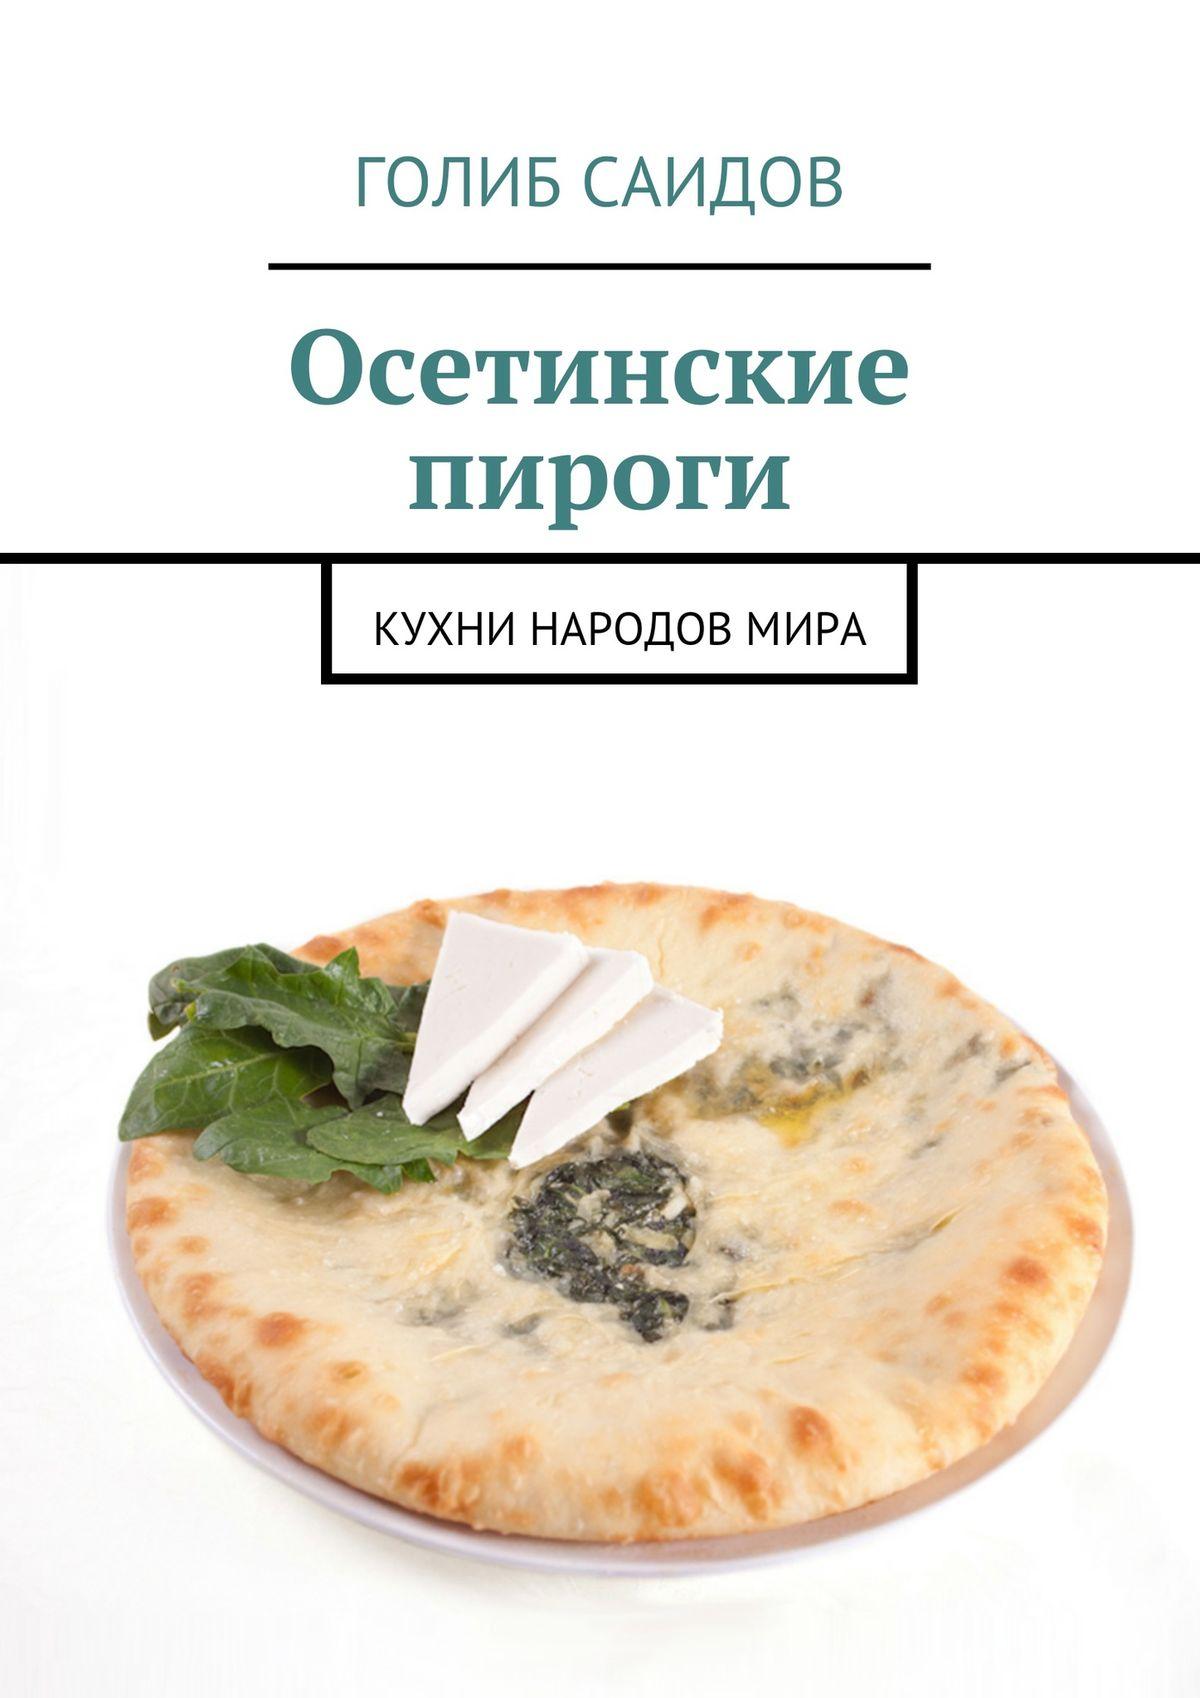 Голиб Саидов Осетинские пироги. Кухни народовмира татарские пироги в москве